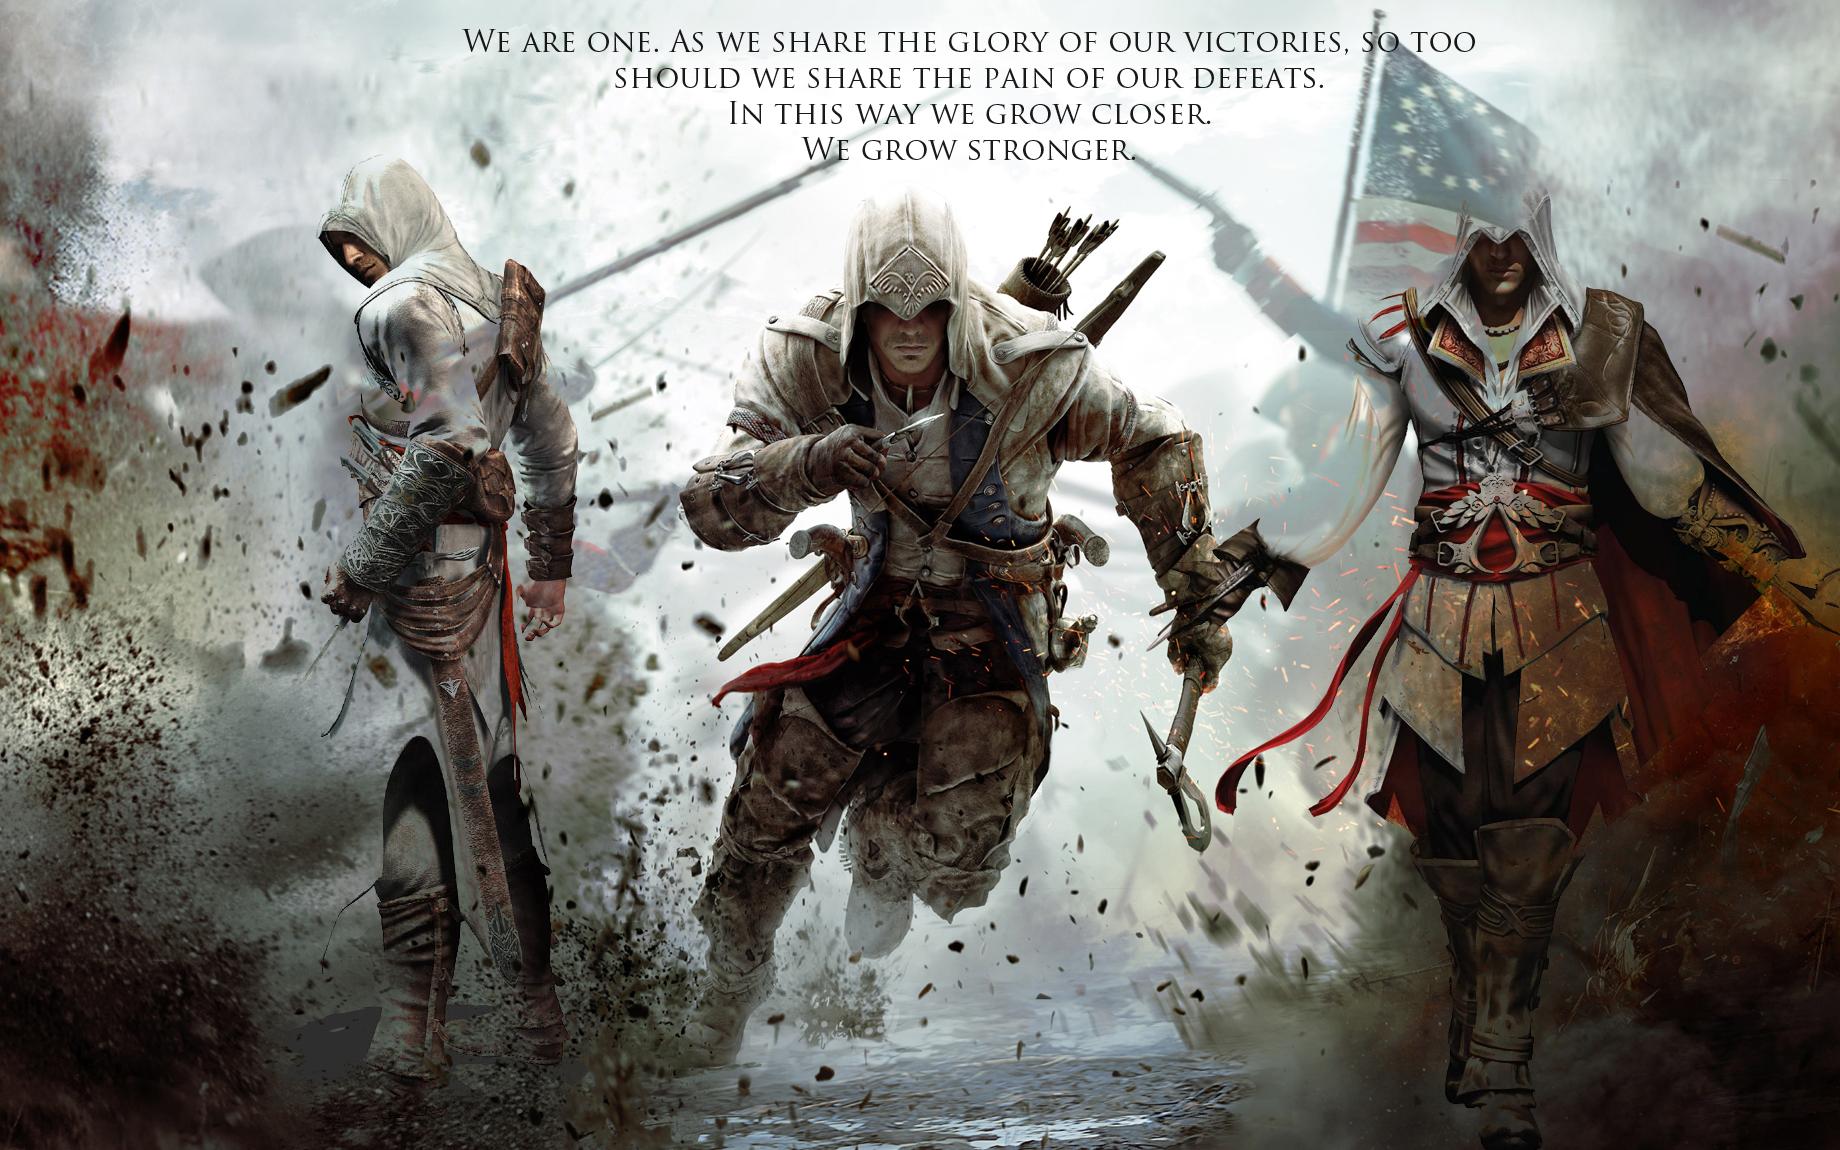 Assassin S Creed Wallpaper By Zdorik Sandorik On Deviantart